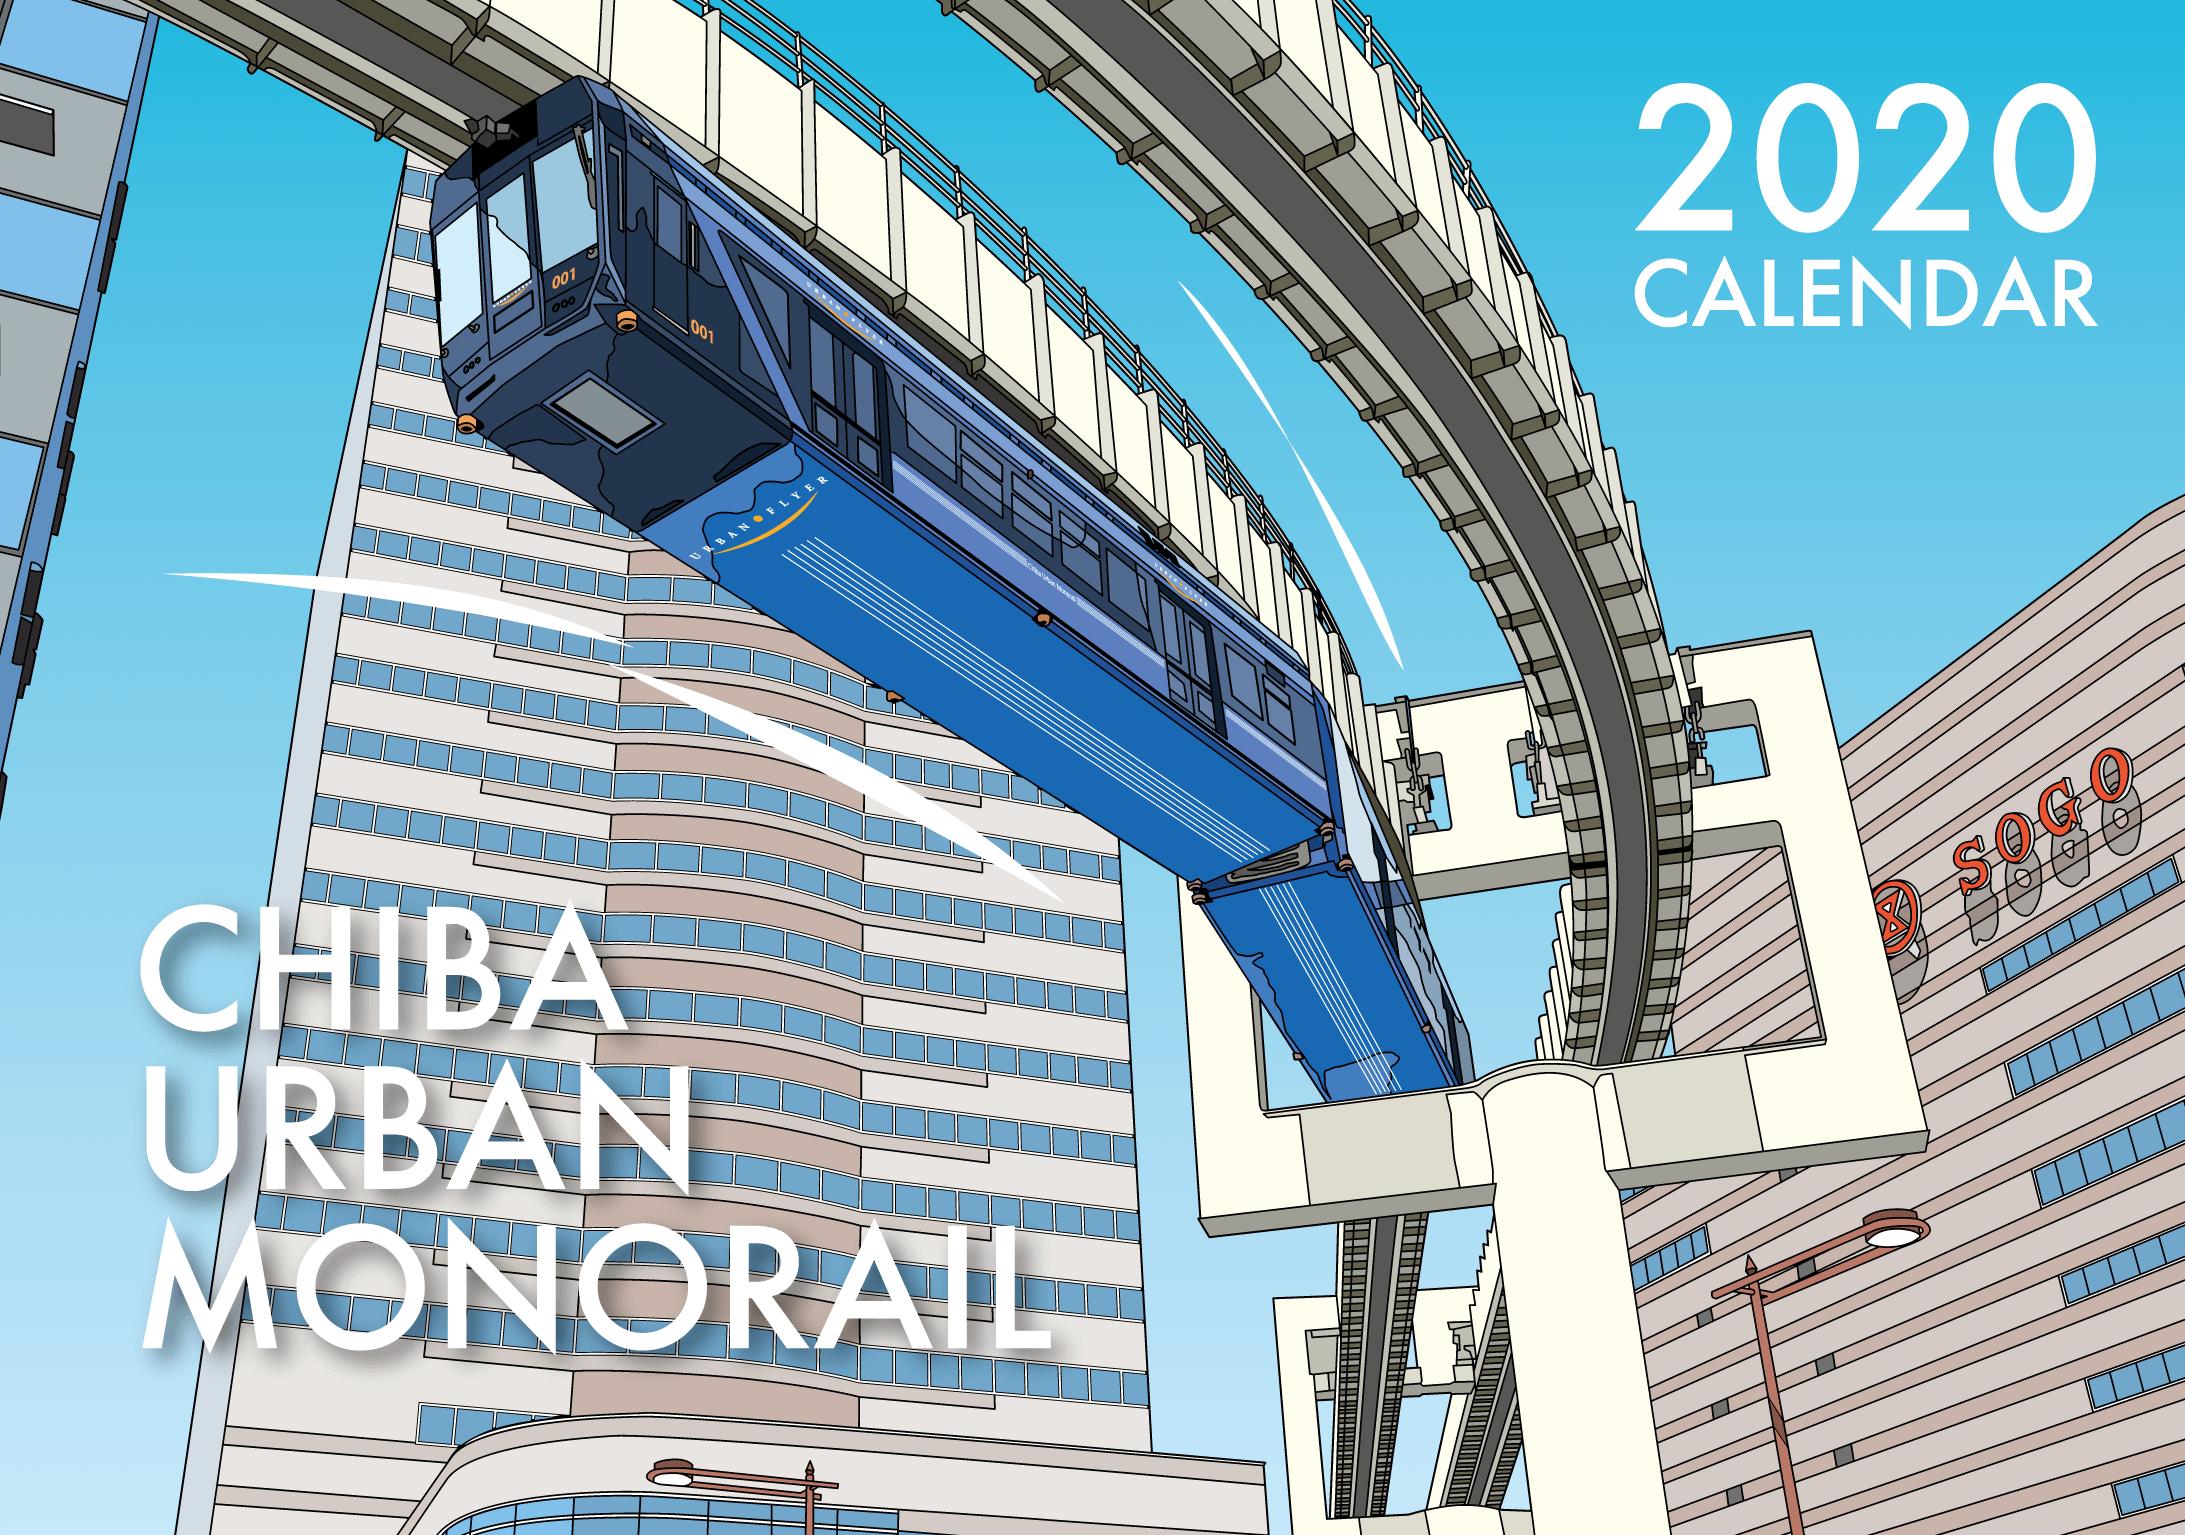 千葉モノレールカレンダー(壁掛けタイプ表紙イメージ)